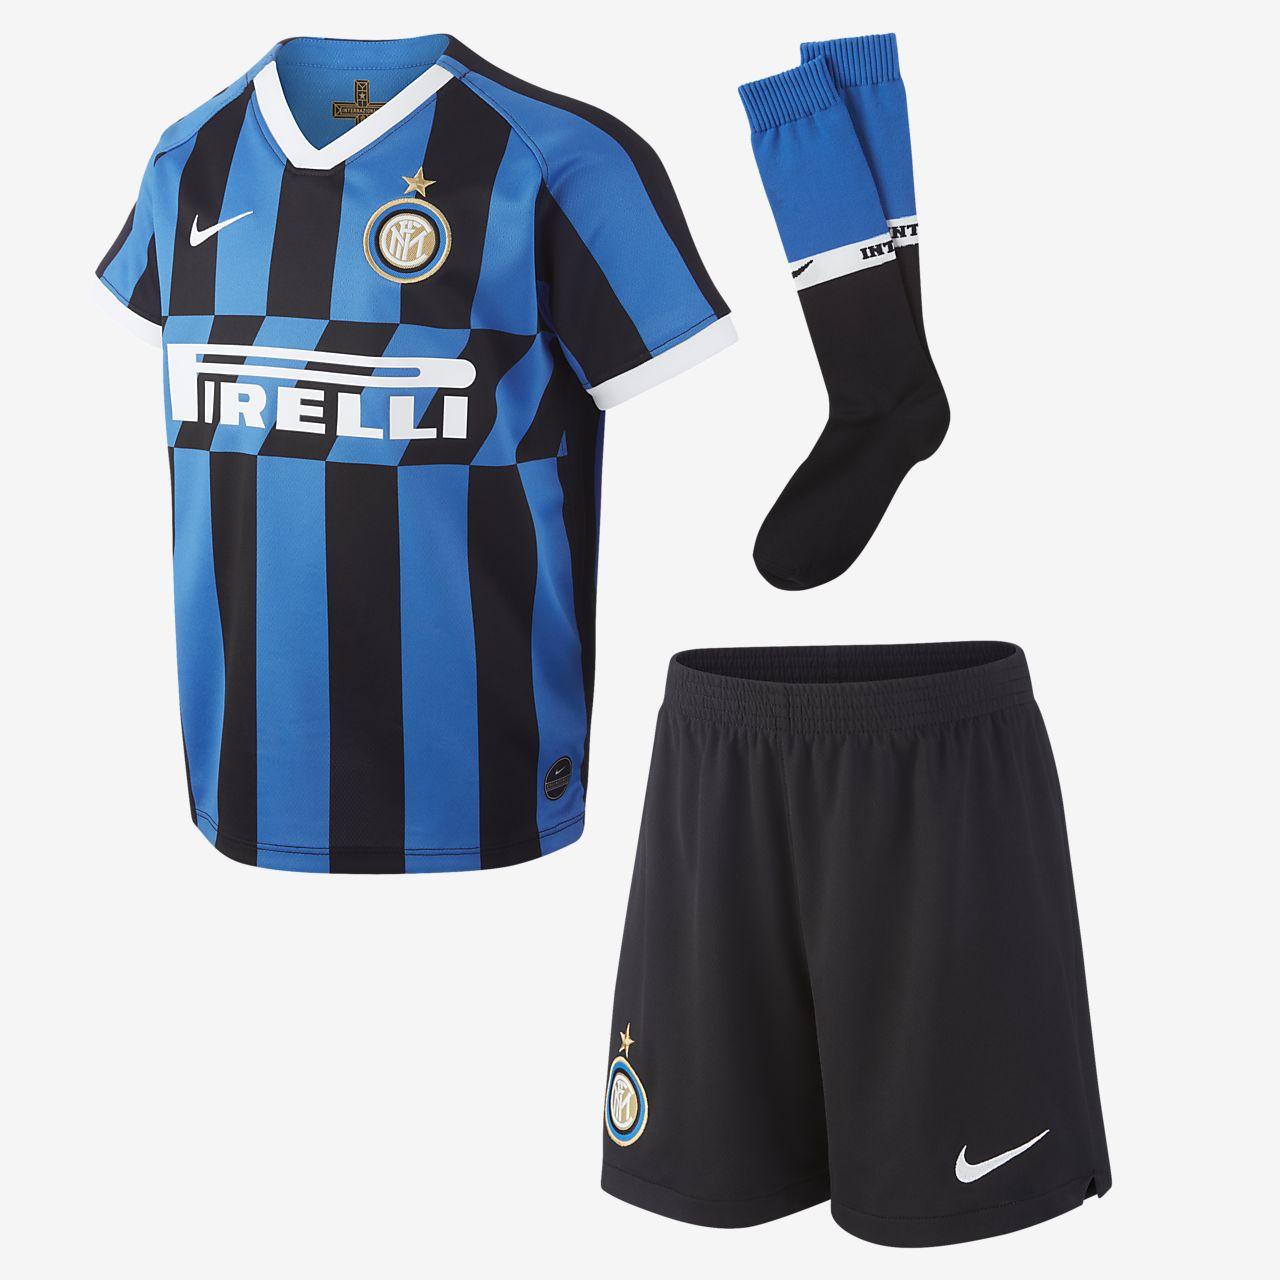 Ποδοσφαιρικό σετ Inter Milan 2019/20 Home για μικρά παιδιά